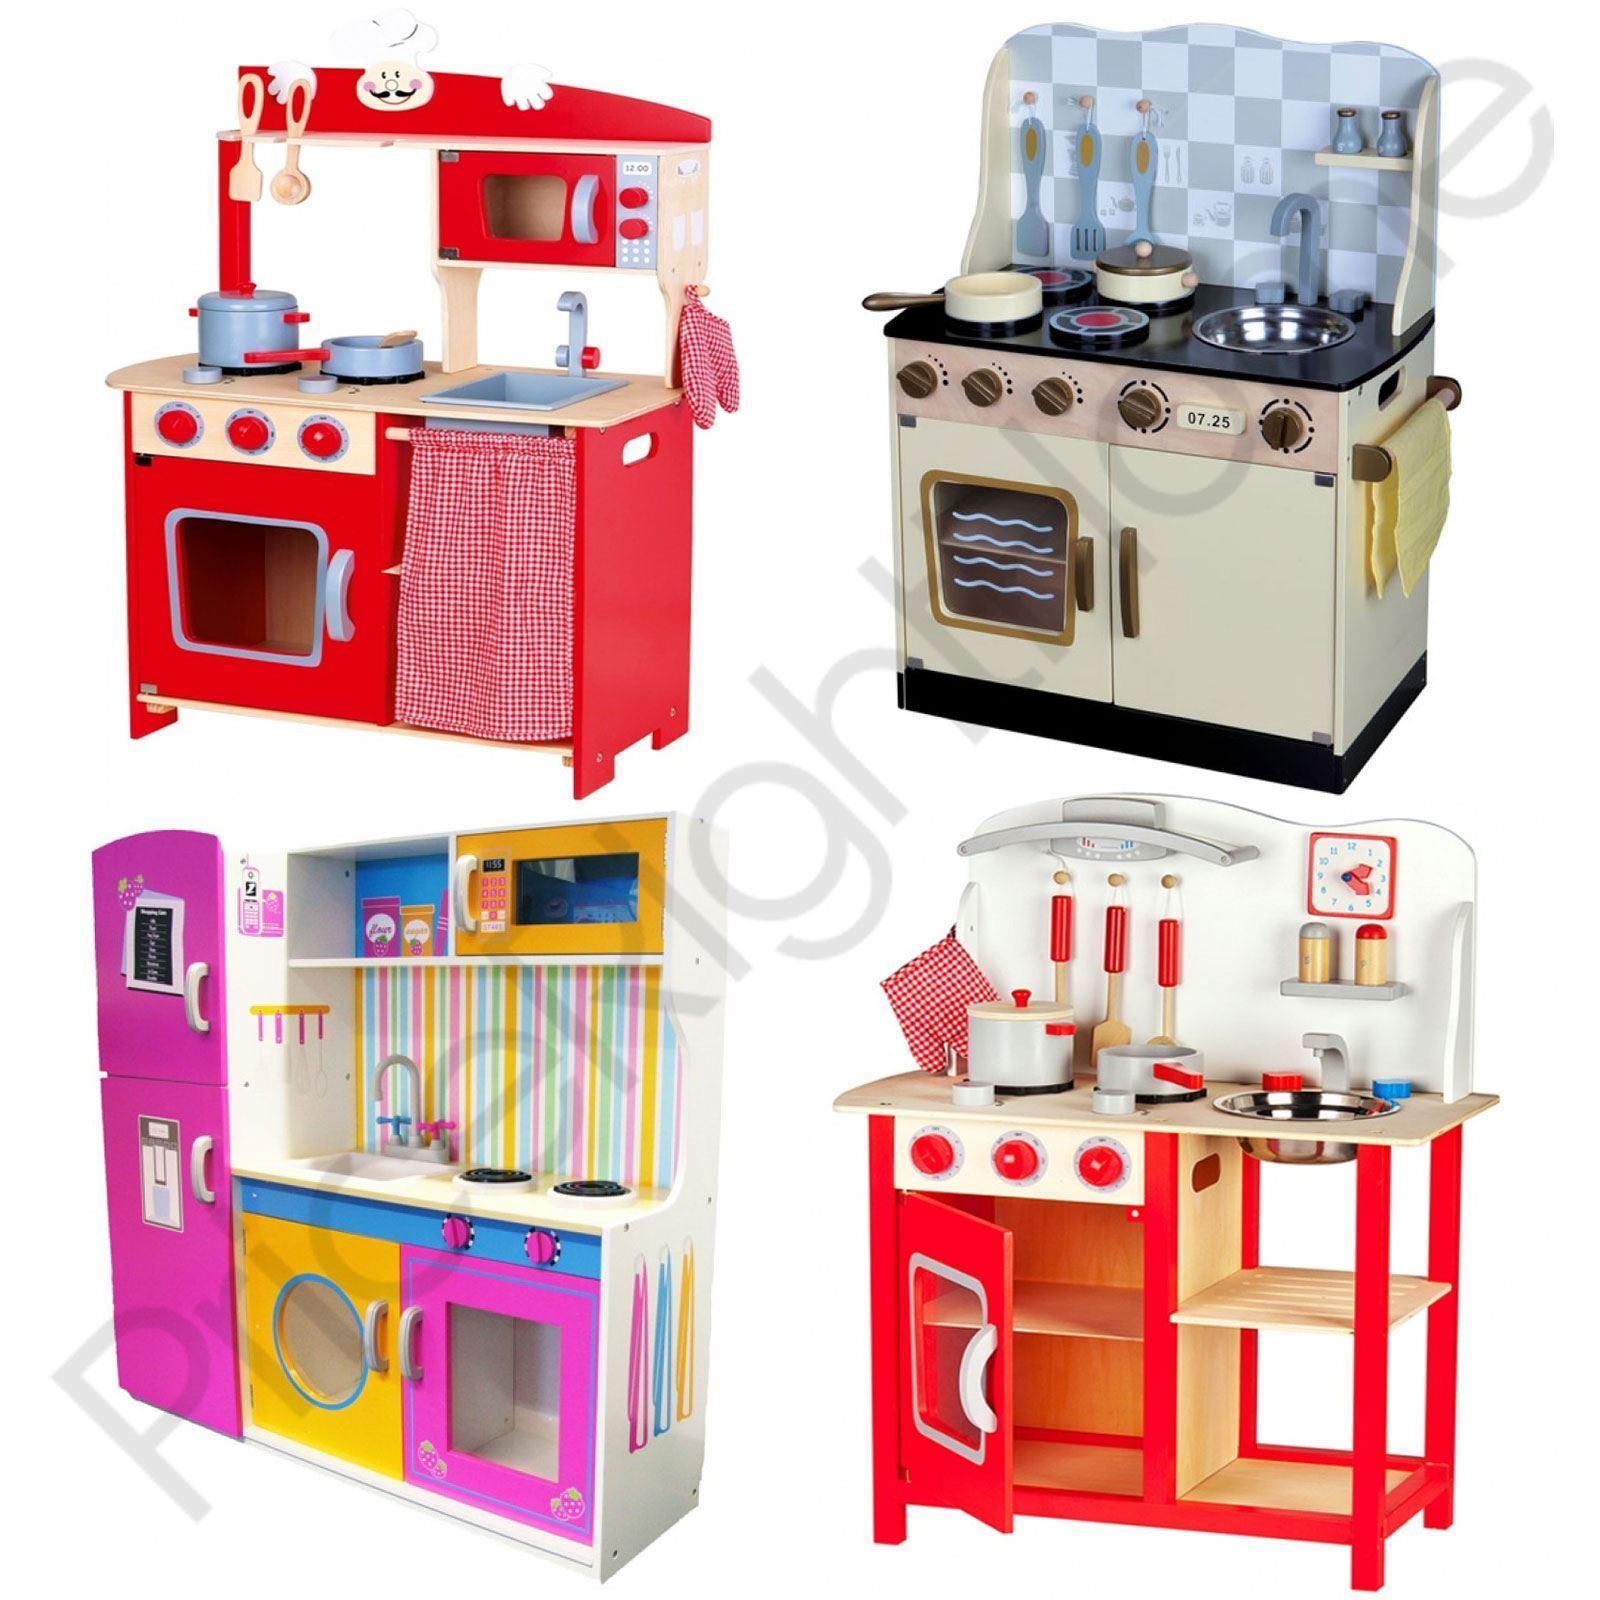 leomark h lzerne k che kinder spiel k che mit zubeh r spielsachen neu ebay. Black Bedroom Furniture Sets. Home Design Ideas